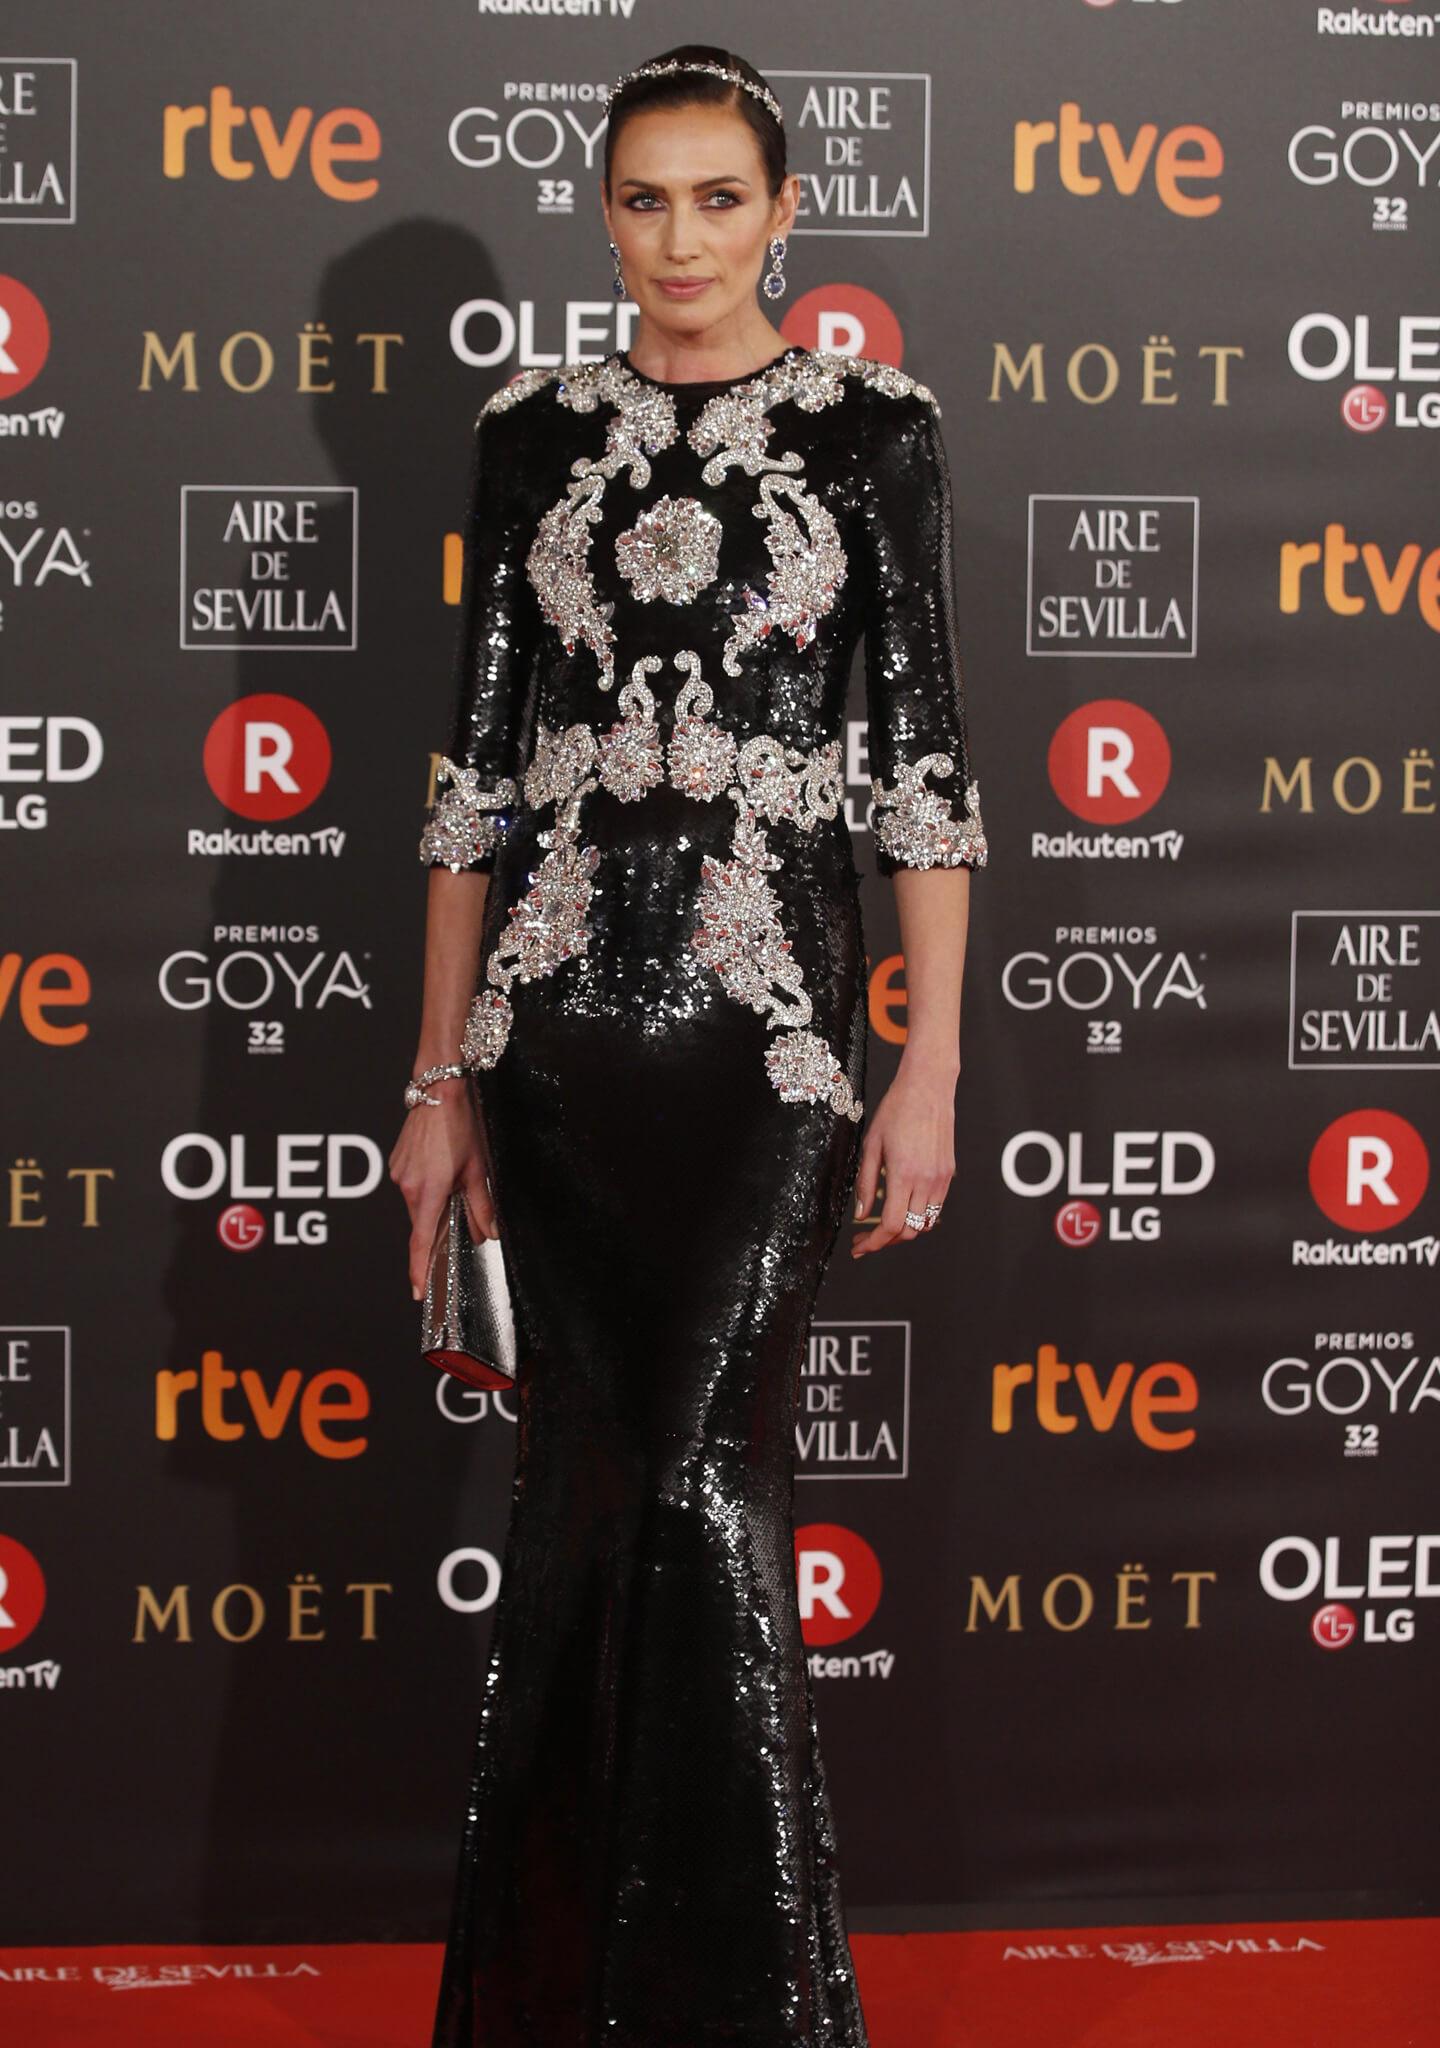 La actriz Nieves Álvarez